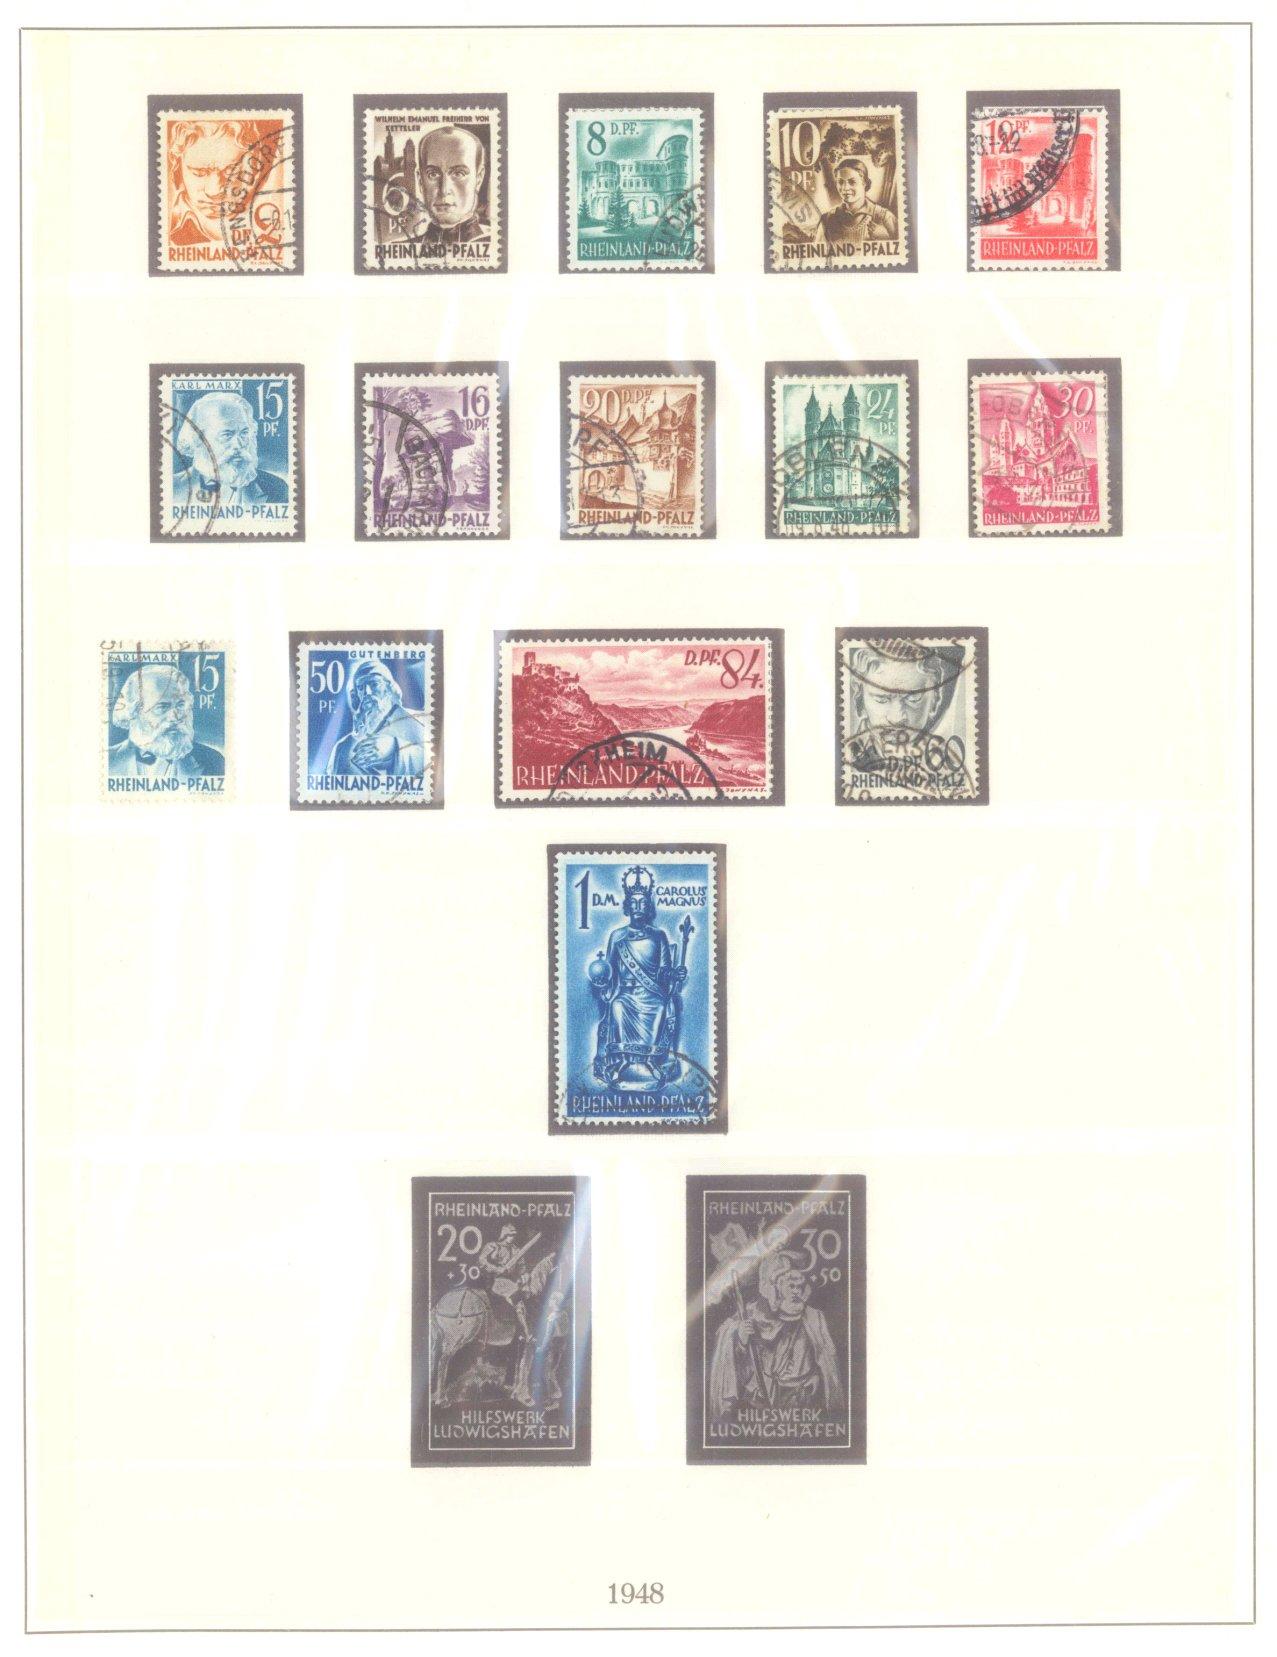 FRANZÖSISCHE ZONE RHEIN-PFALZ 1947-1948, Freimarken (I-III)-1